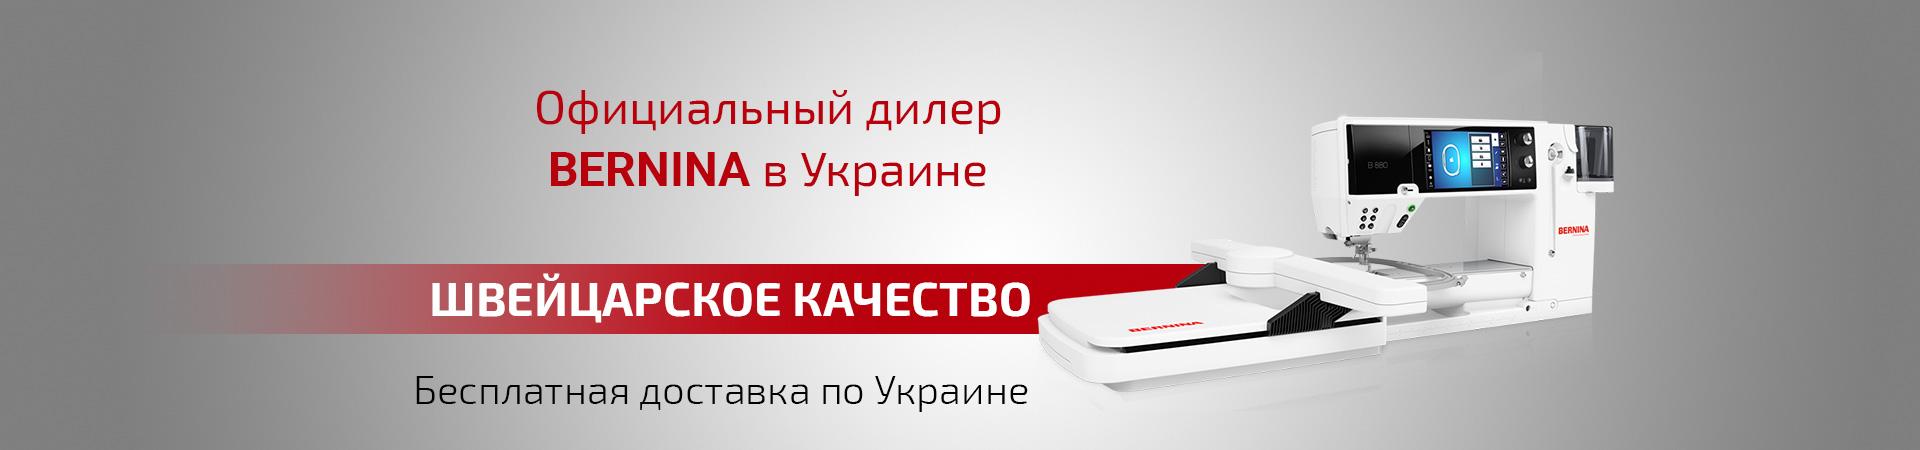 Официальное представительство BERNINA в Украине